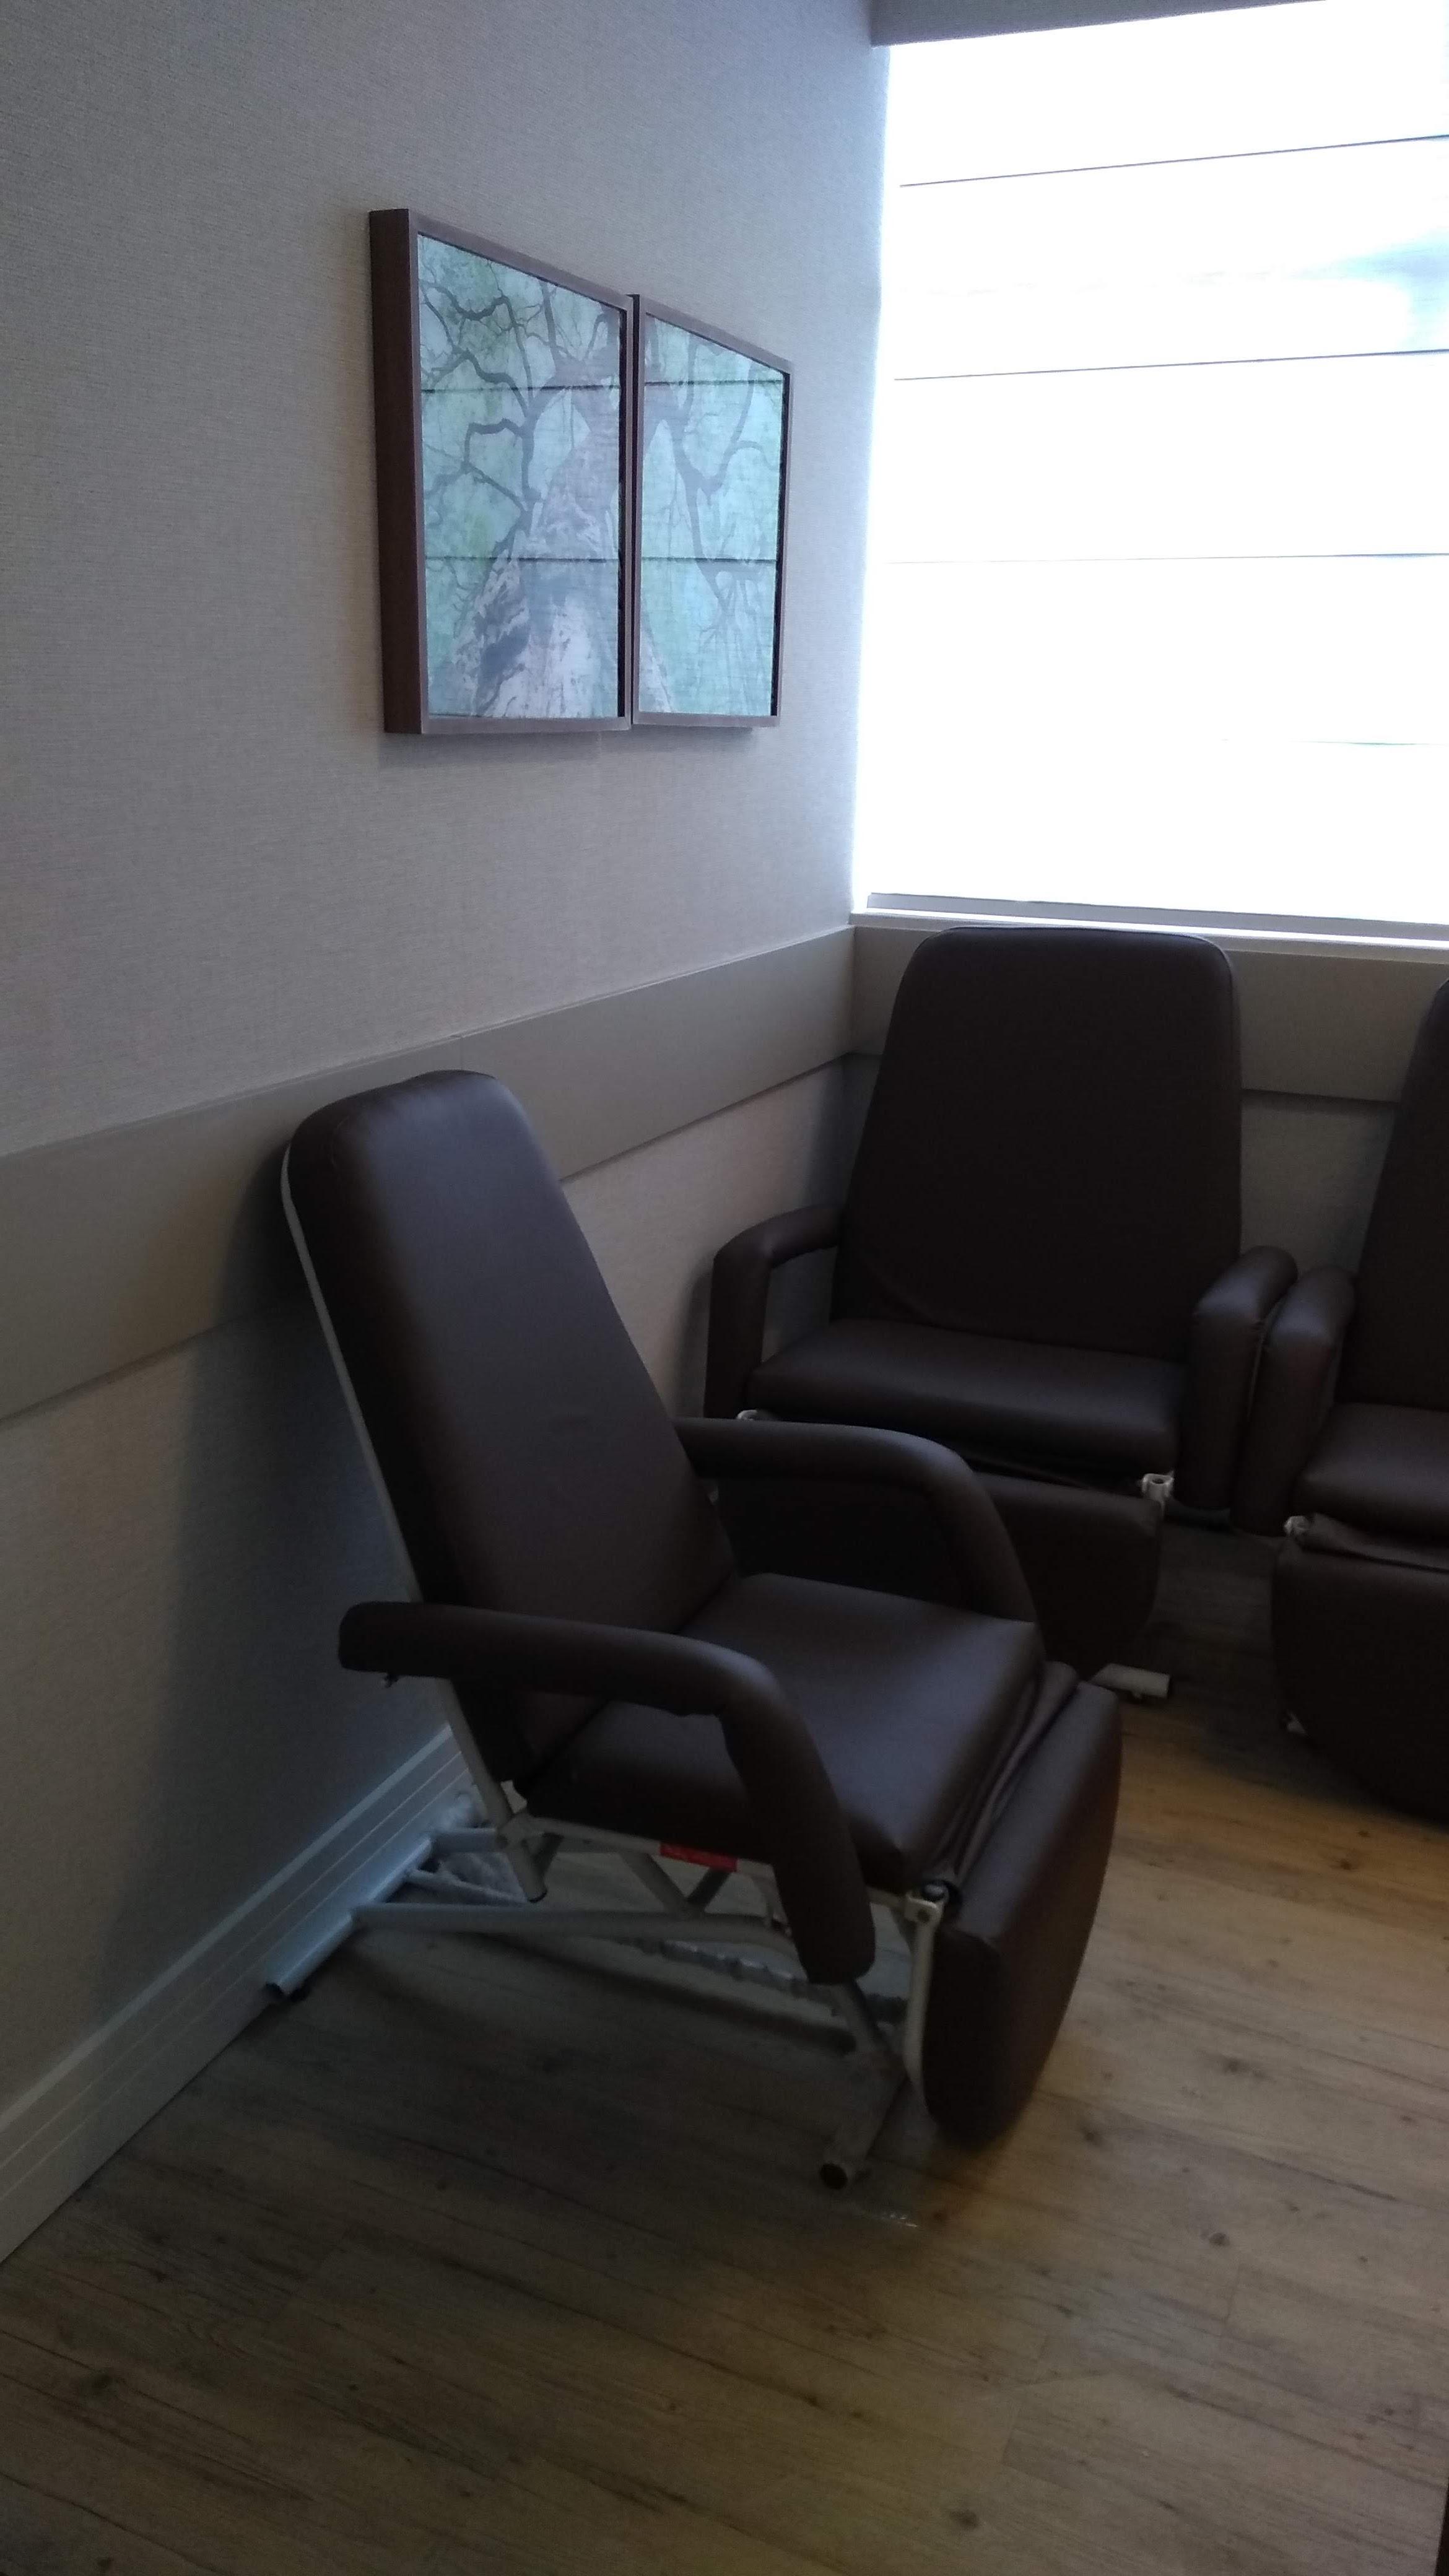 Clínica Endonette - Sala de Recuperação